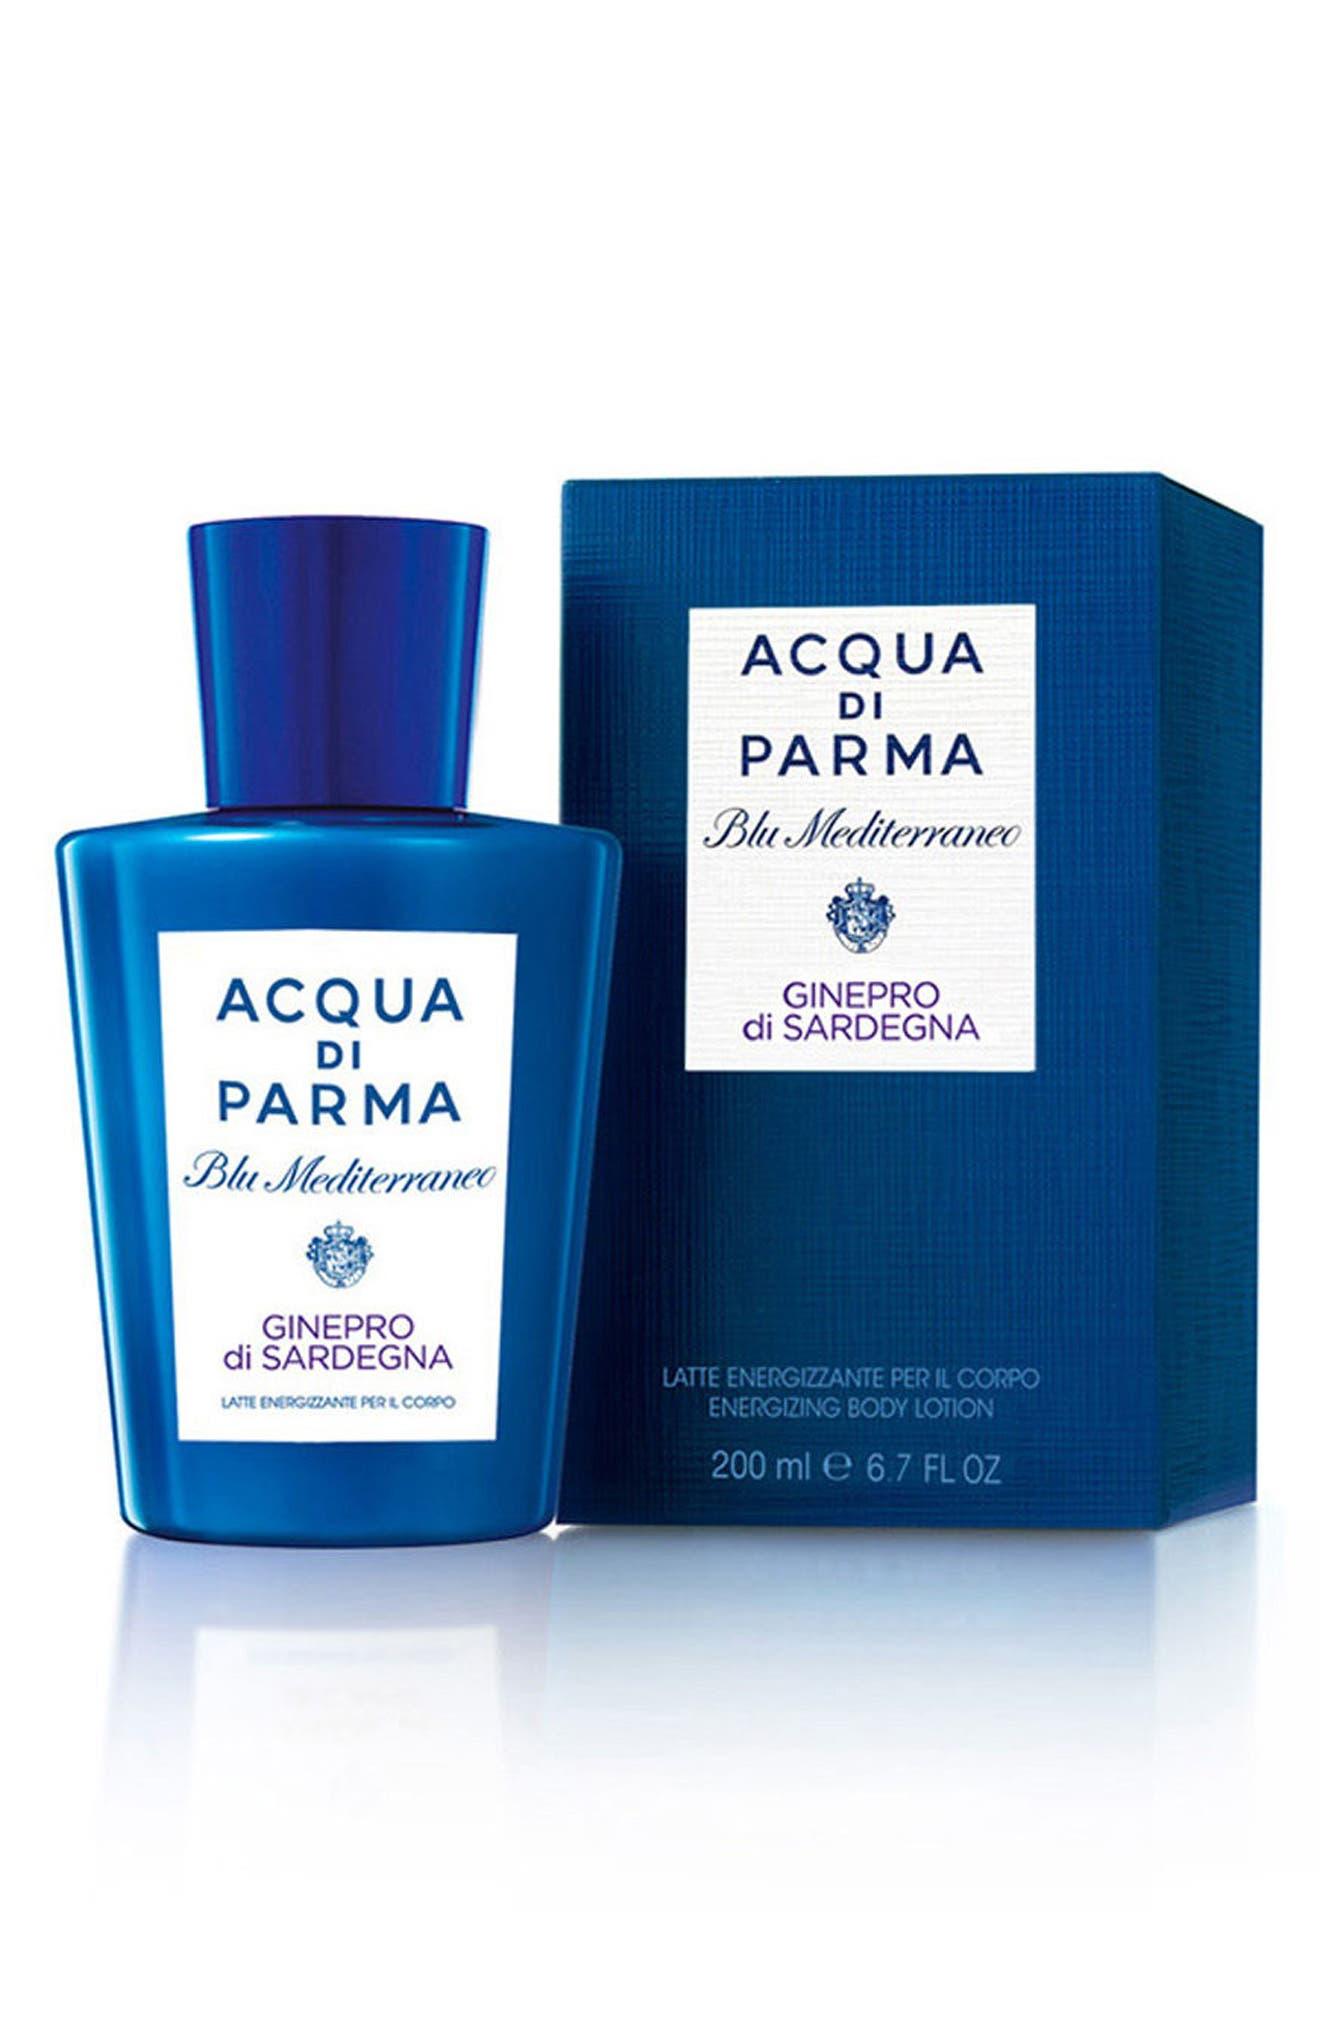 Alternate Image 2  - Acqua di Parma 'Blu Mediterraneo - Ginepro di Sardegna' Energizing Body Lotion